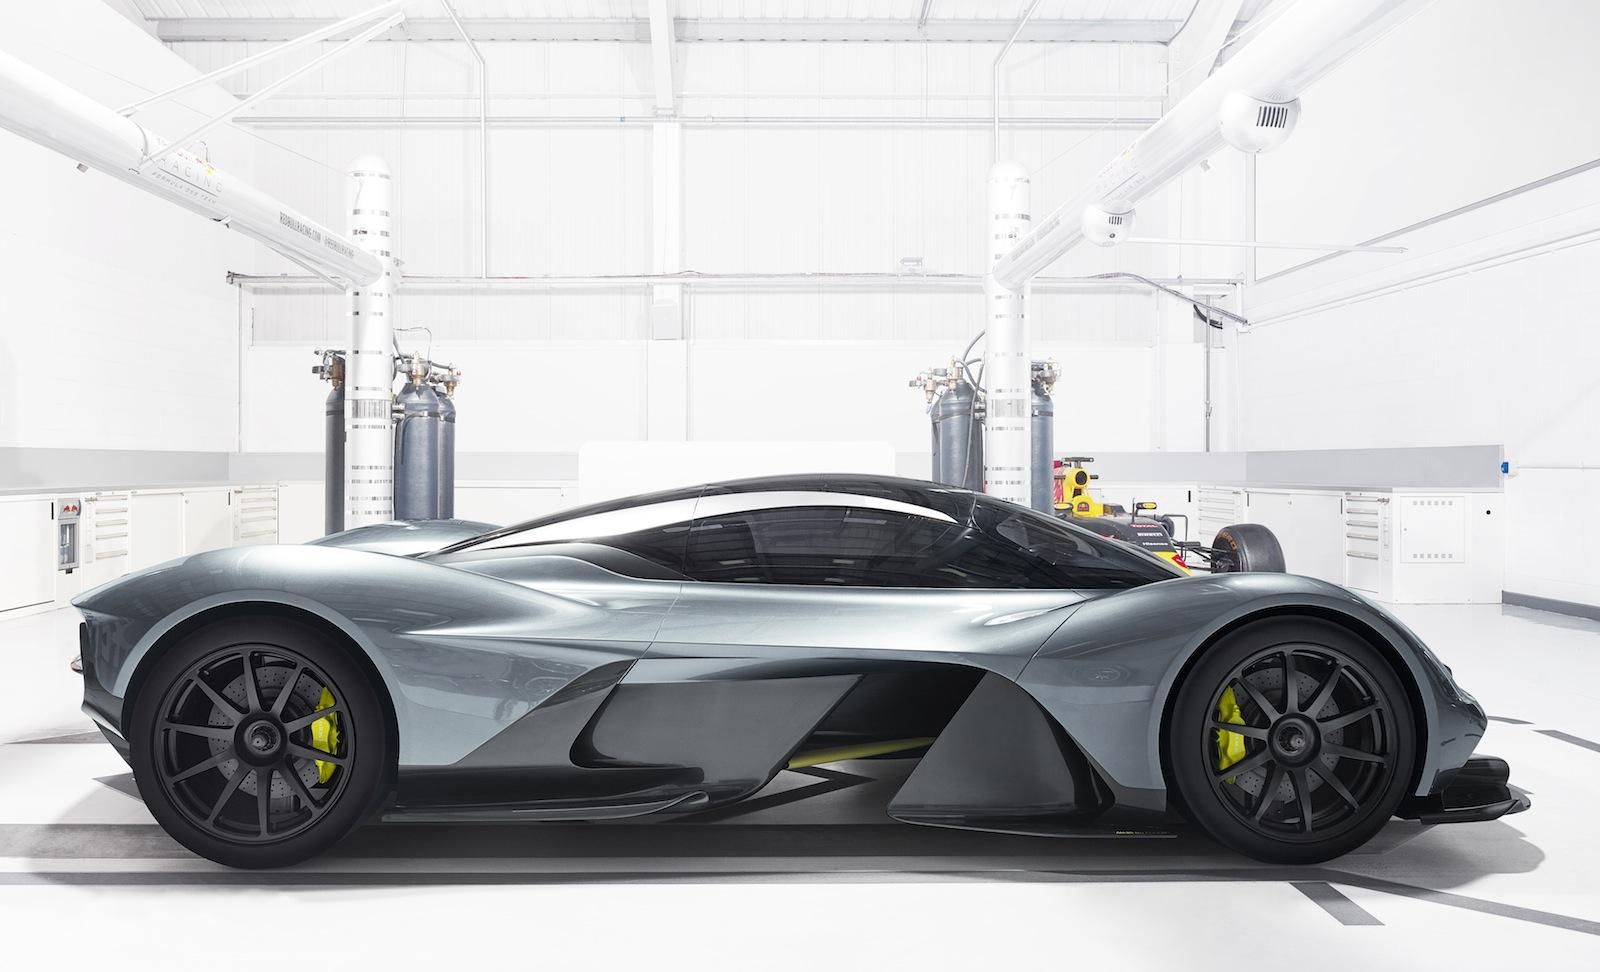 AM RB 001 sẽ là siêu xe đỉnh cao nhất của Aston Martin